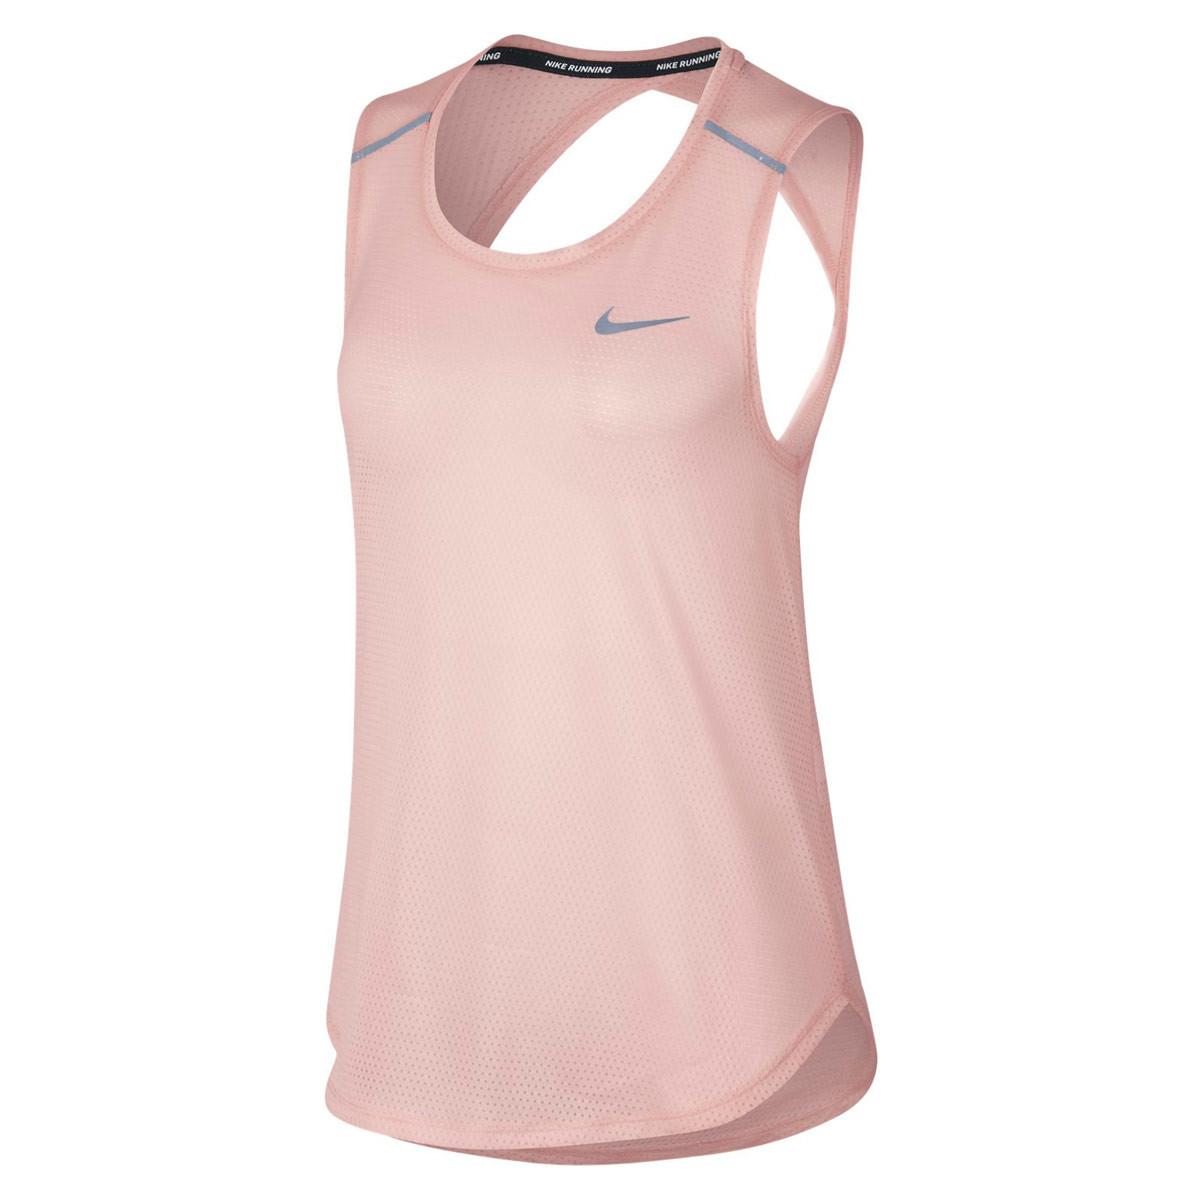 4c58bcc3e3008 Nike Breathe Running Tank - Running tops for Women - Pink